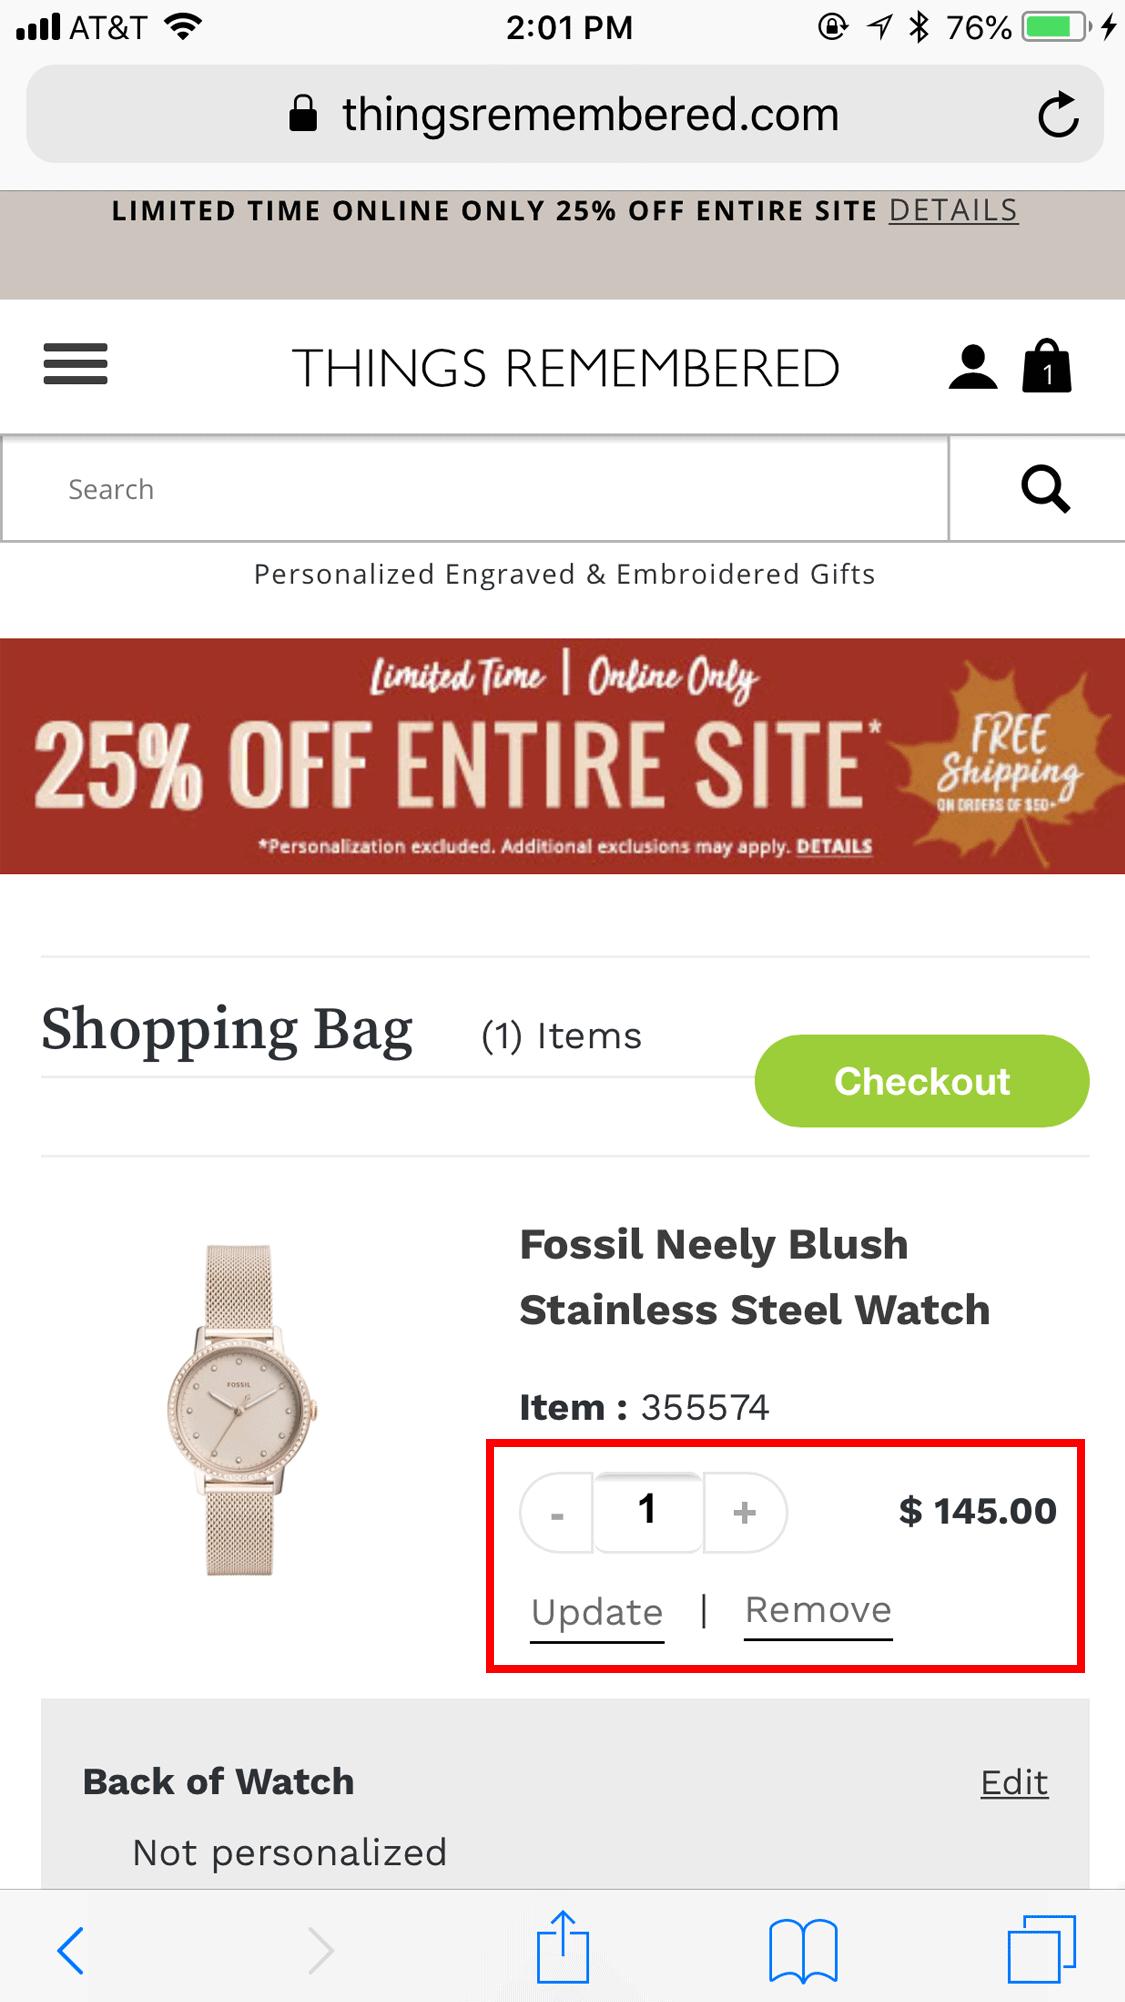 ThingsRemembered.com: пользователи должны выбрать количество, а затем кнопку Обновить, чтобы изменить количество товара. Этот дизайн не оптимален.